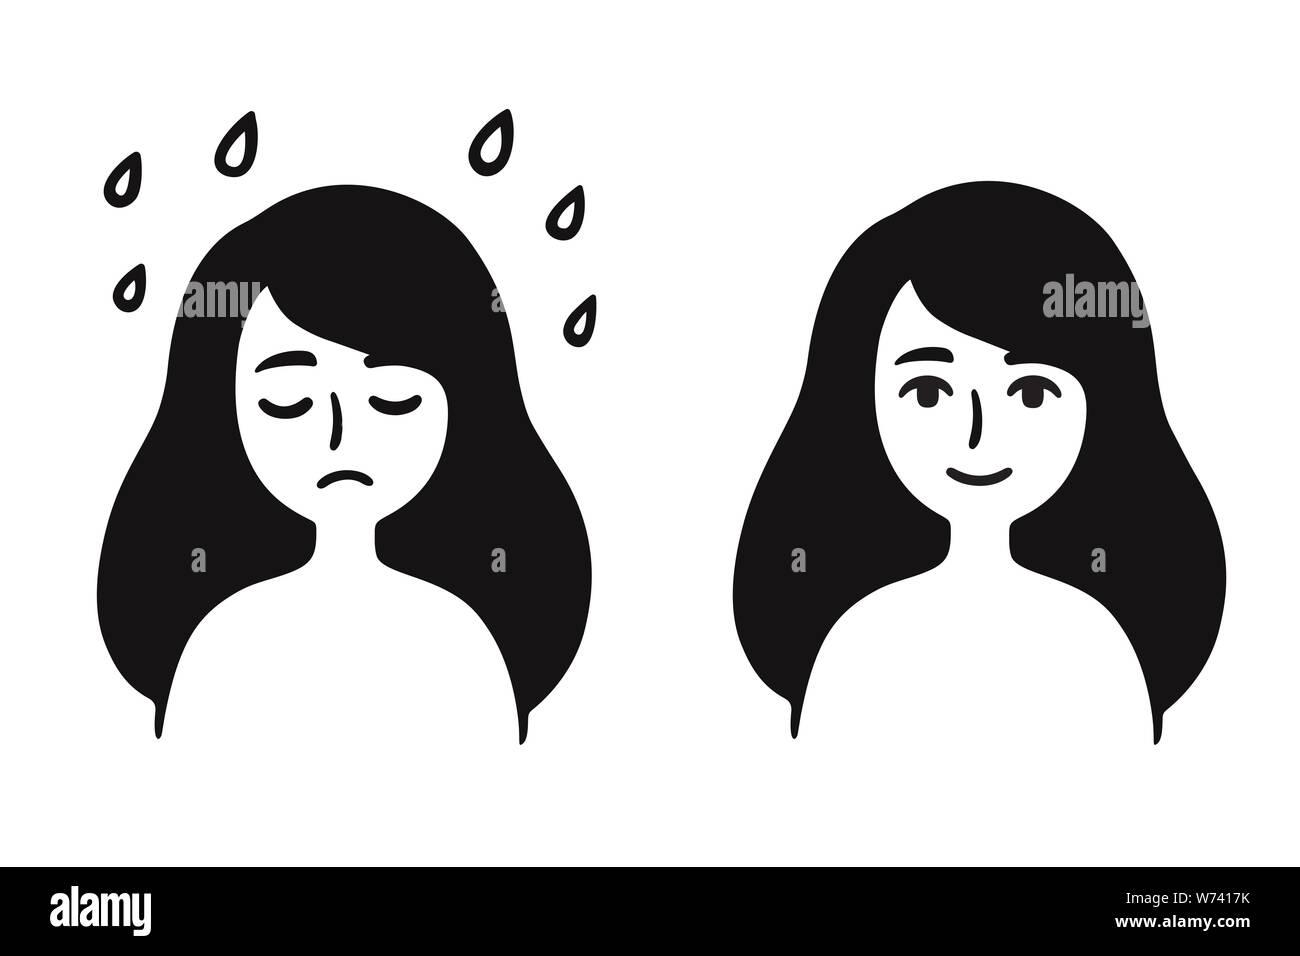 Cartoon Unhappy Girl Photos Cartoon Unhappy Girl Images